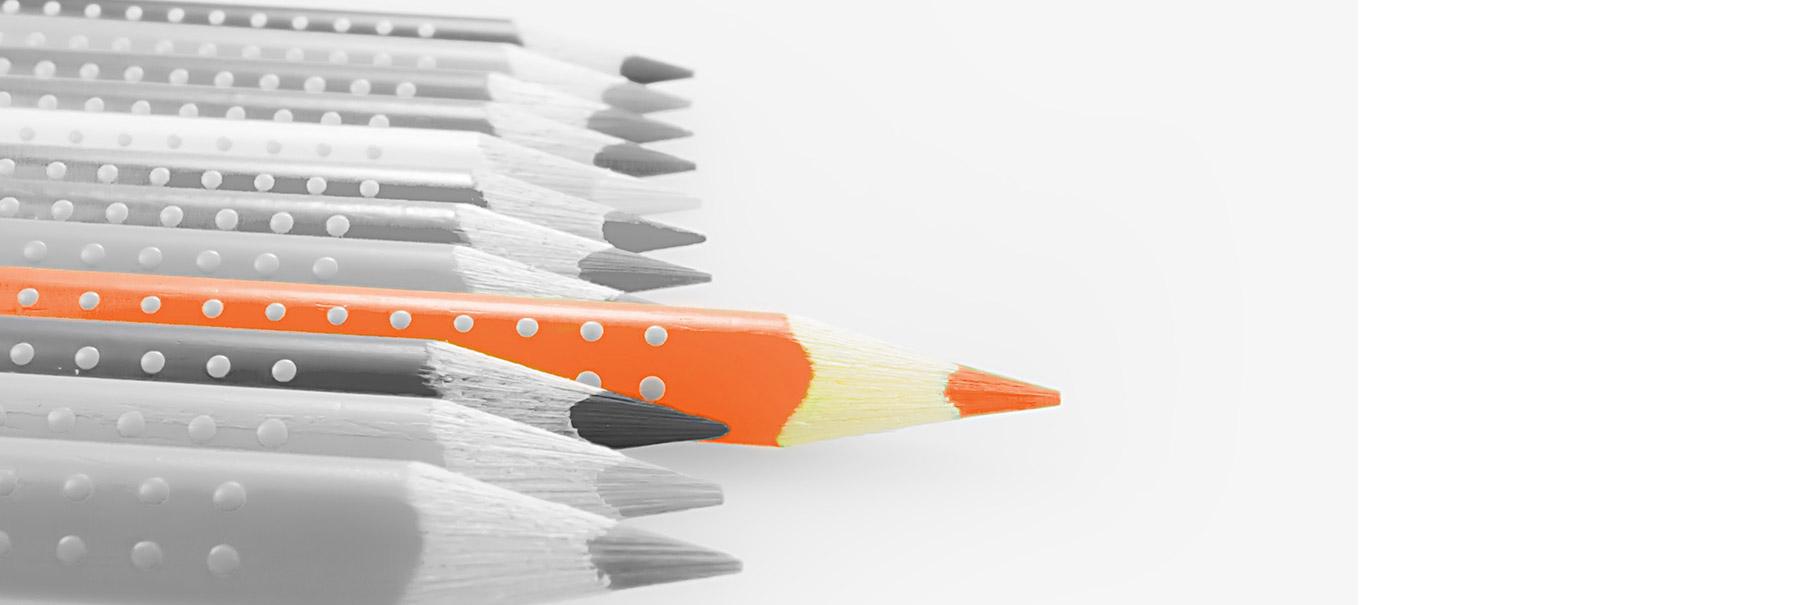 austarts - Medien- und Webdesign | Impressum | Villingen-Schwenningen